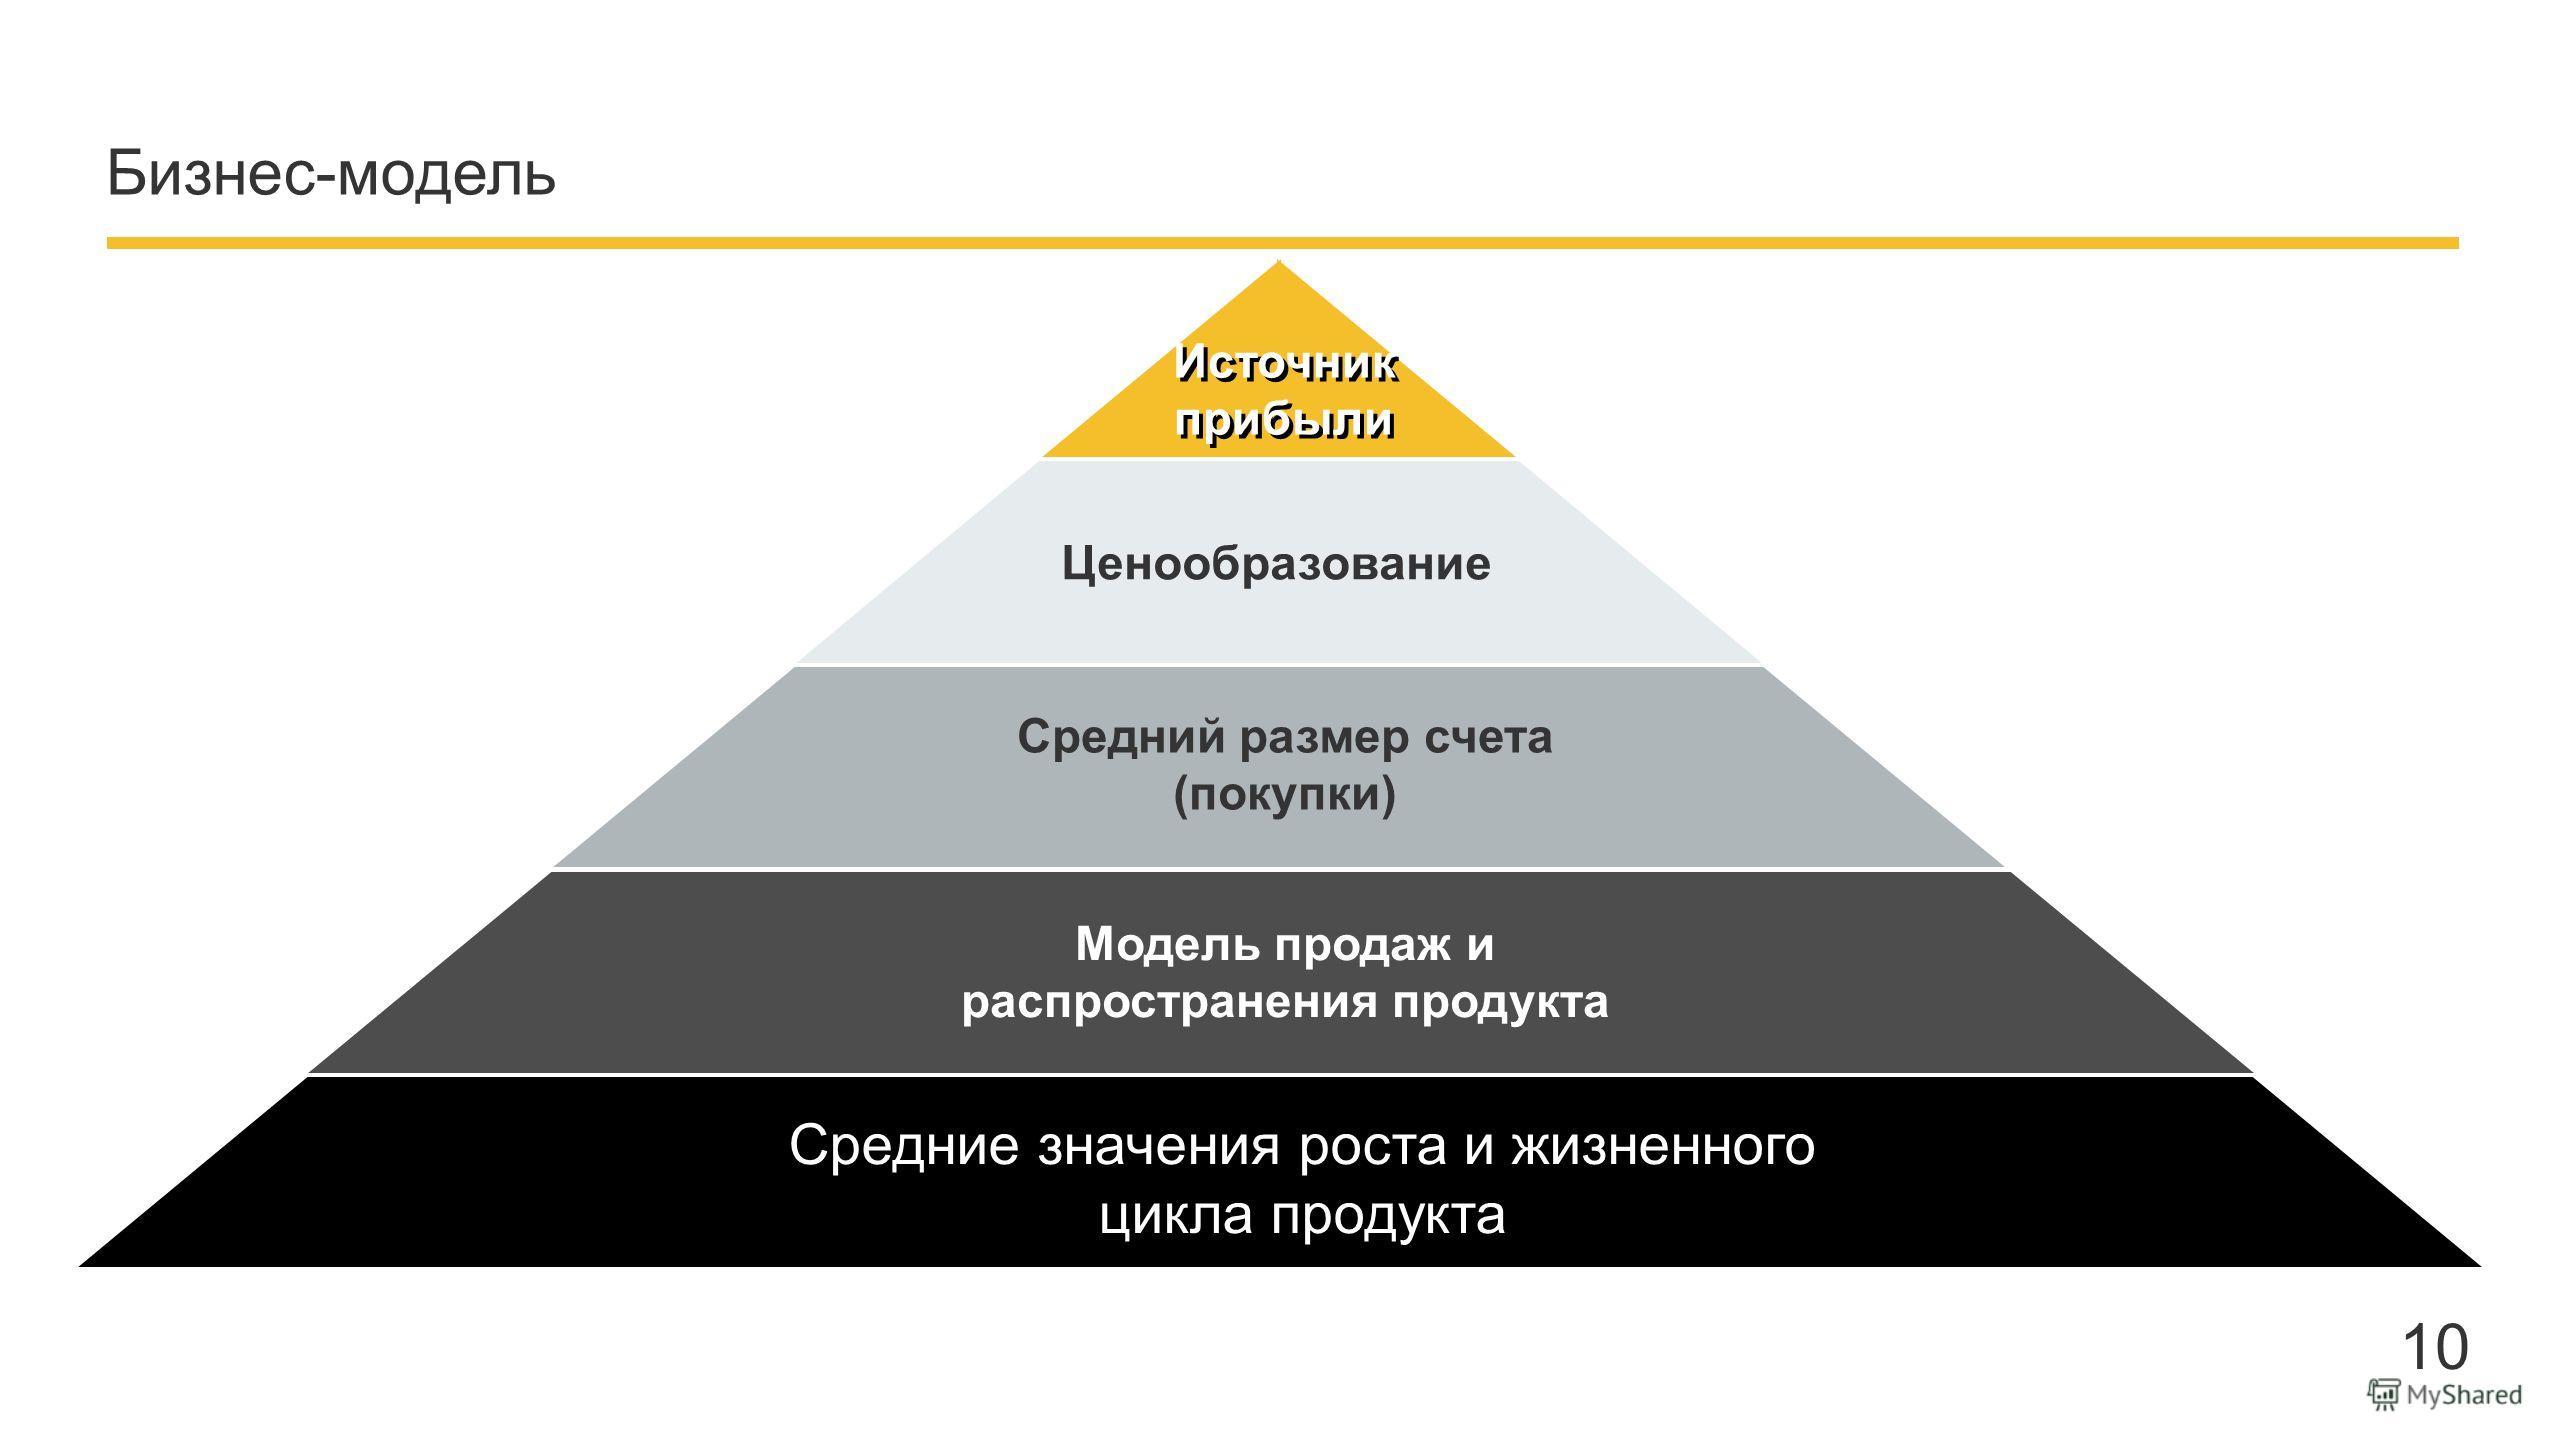 Company name - Presentation Бизнес-модель Источник прибыли Ценообразование Средний размер счета (покупки) Модель продаж и распространения продукта Средние значения роста и жизненного цикла продукта 10